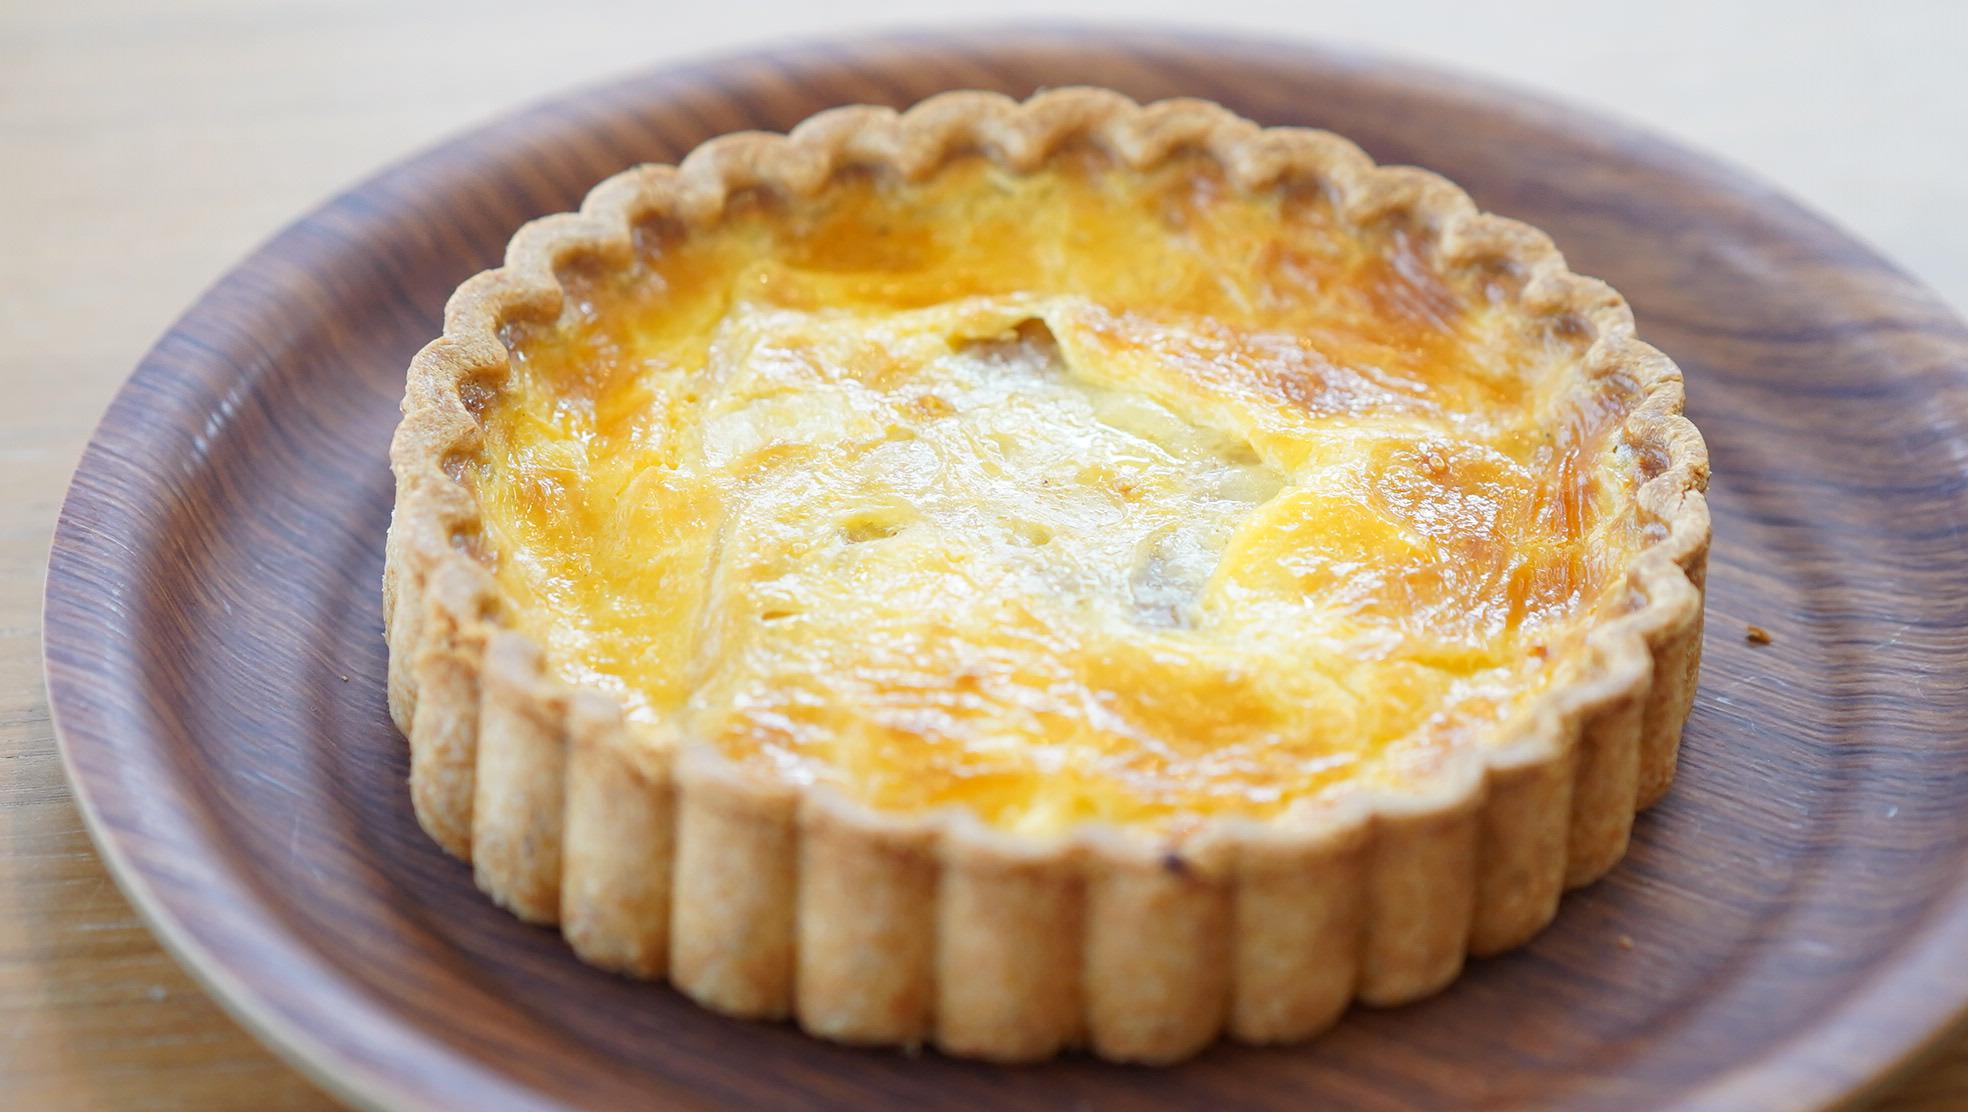 無印良品のおすすめ冷凍食品「ベーコンとチーズのキッシュ」の写真